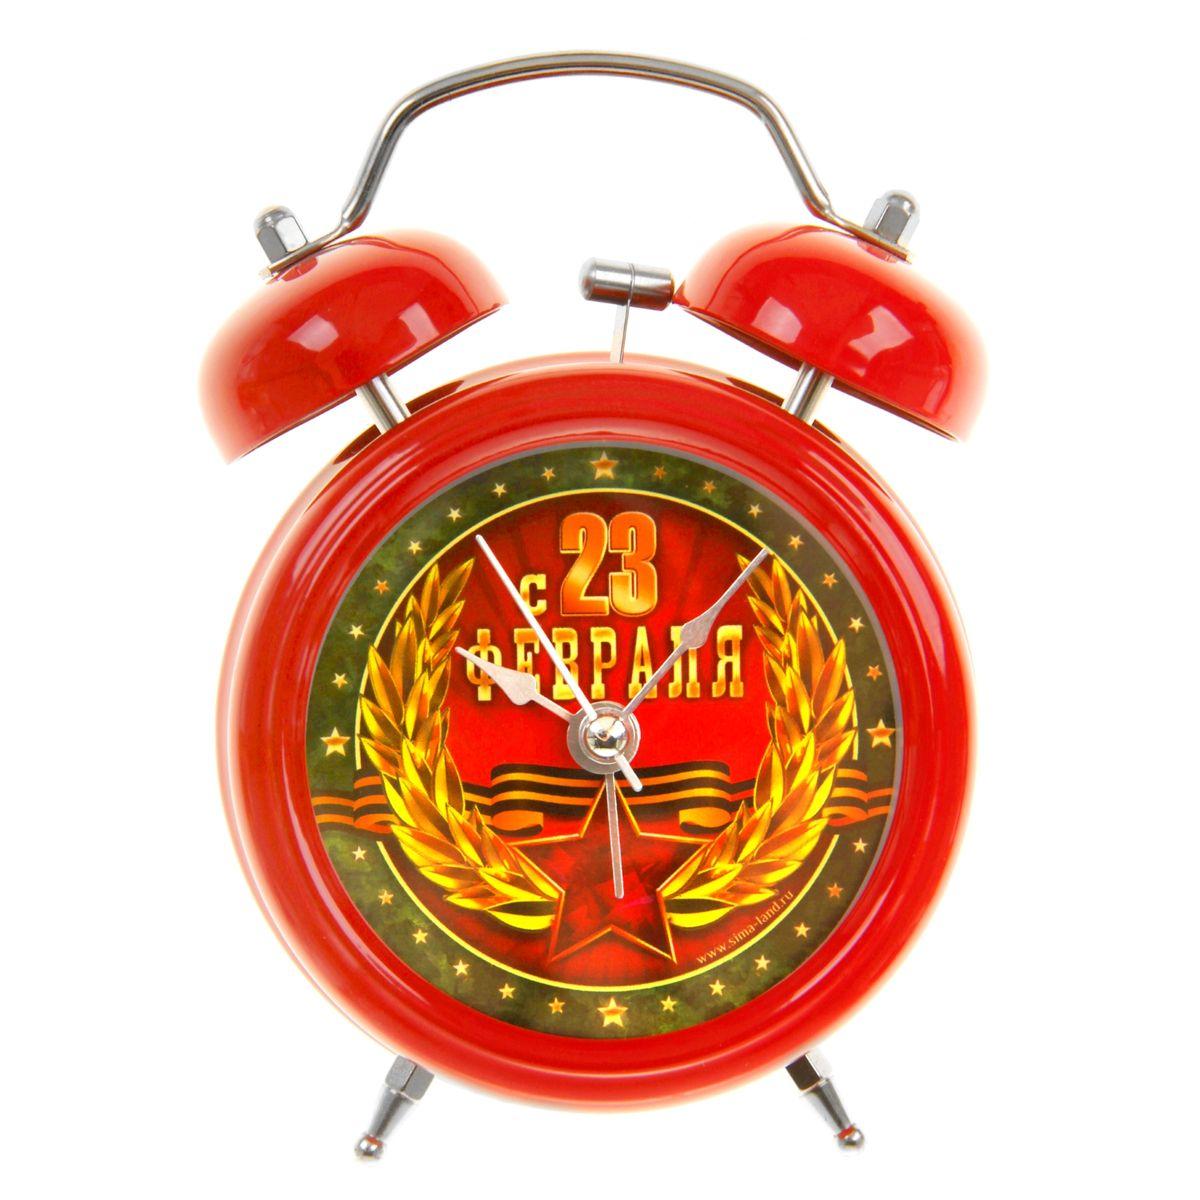 Часы-будильник Sima-land С 23 февраля. 839673 часы будильник sima land жду встречи